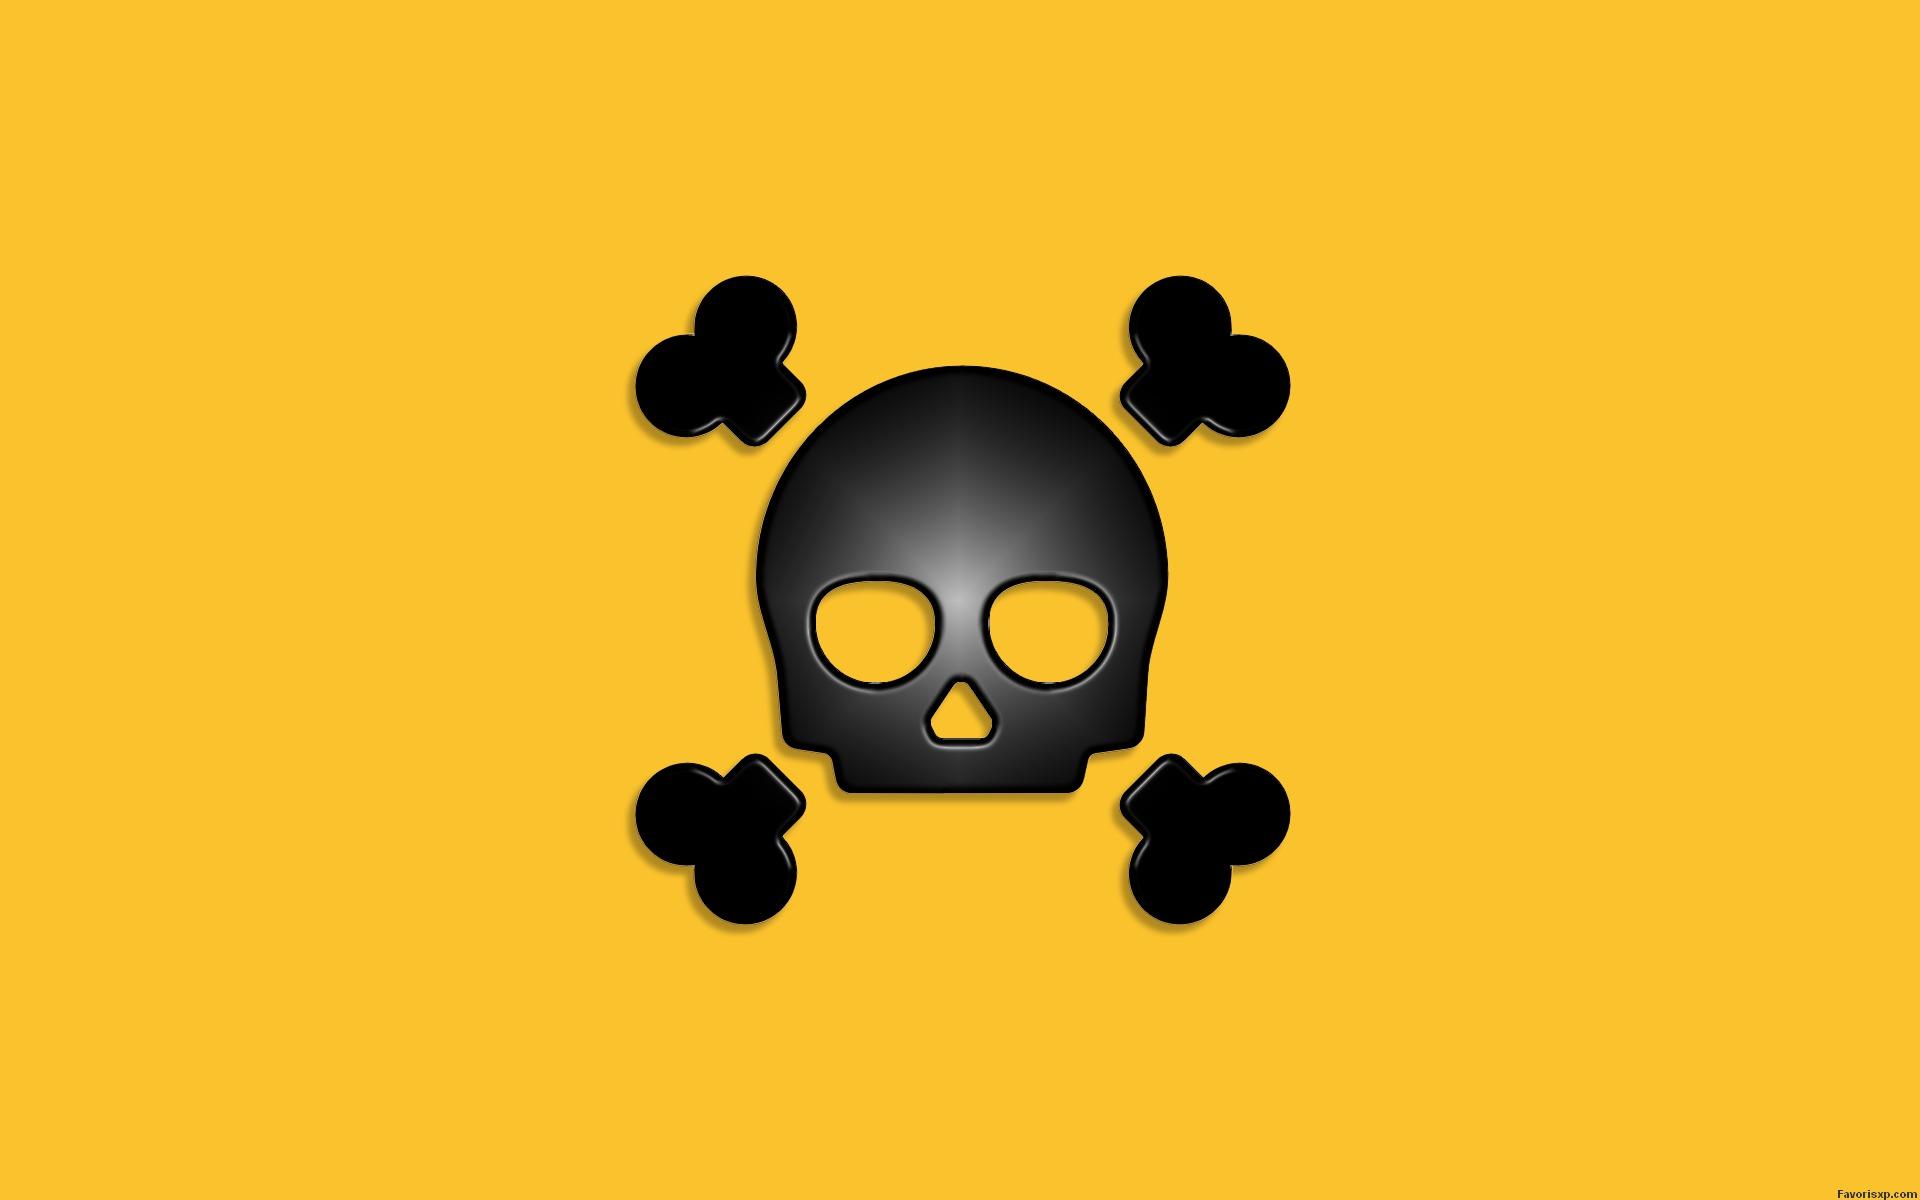 Fond d'écran en noir et jaune.